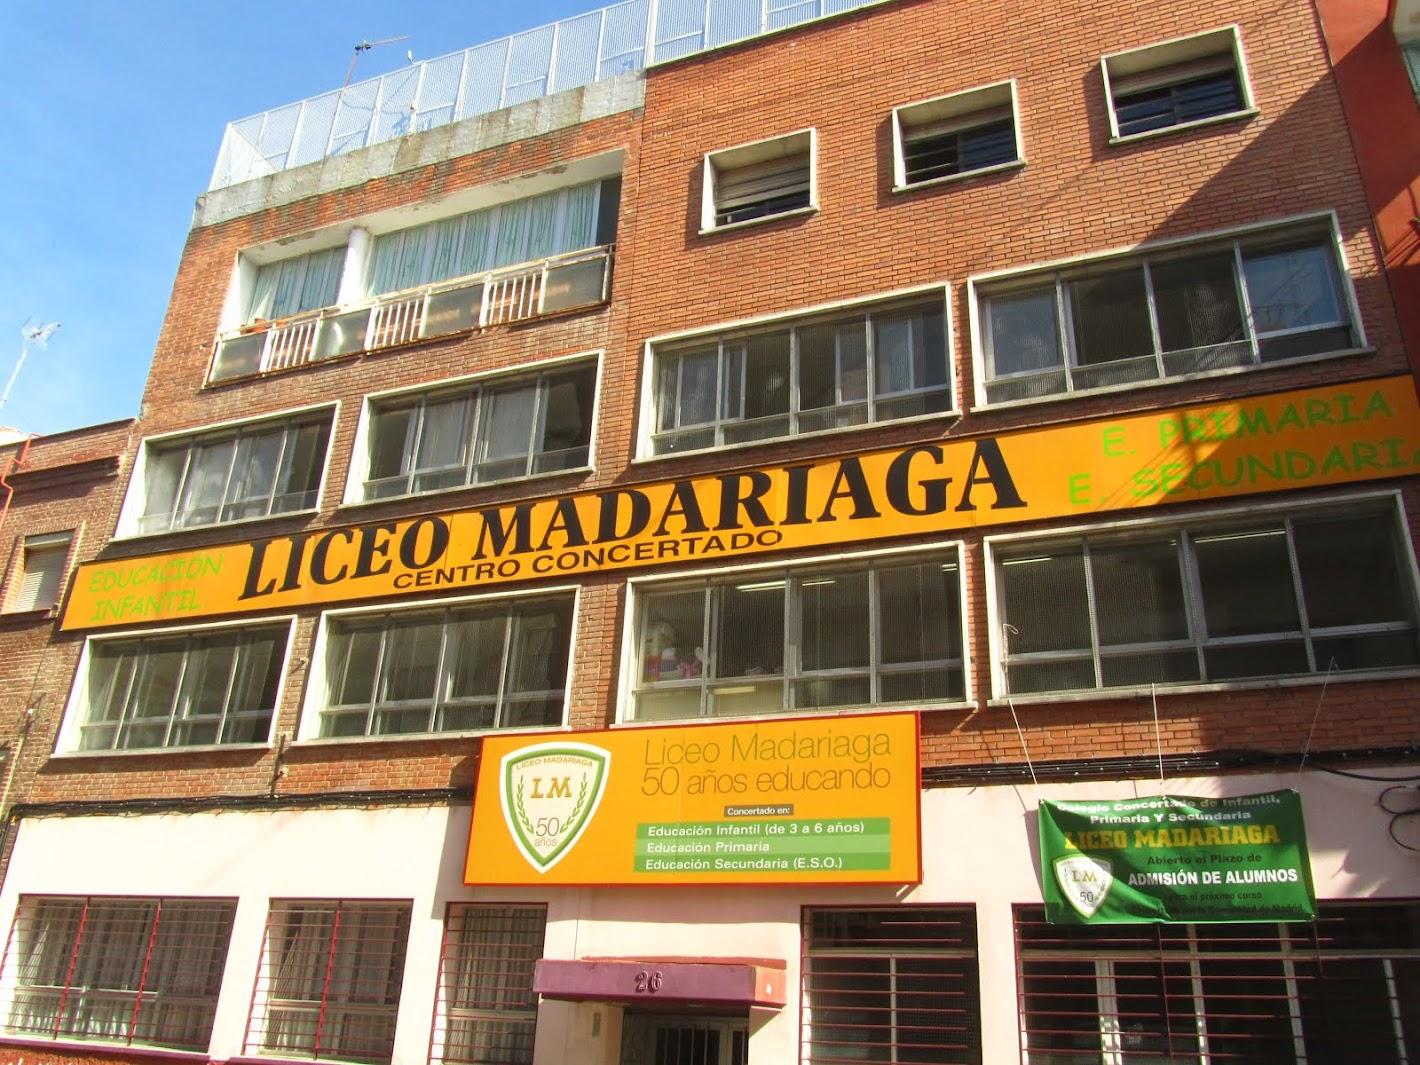 LICEO MADARIAGA